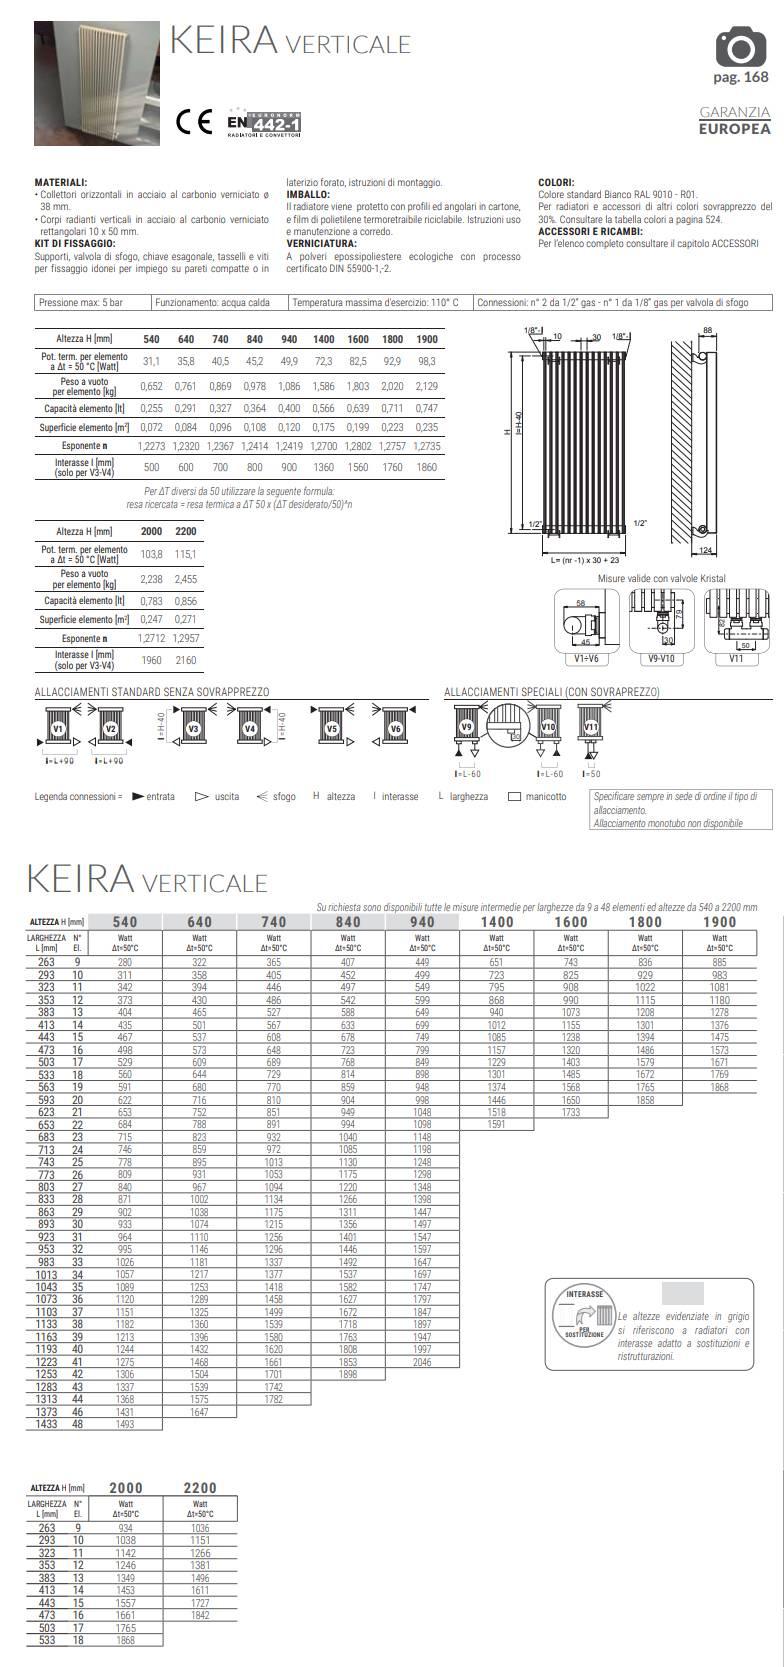 Blech-Technik-Heizkörper-Design-Keira-Cordivari